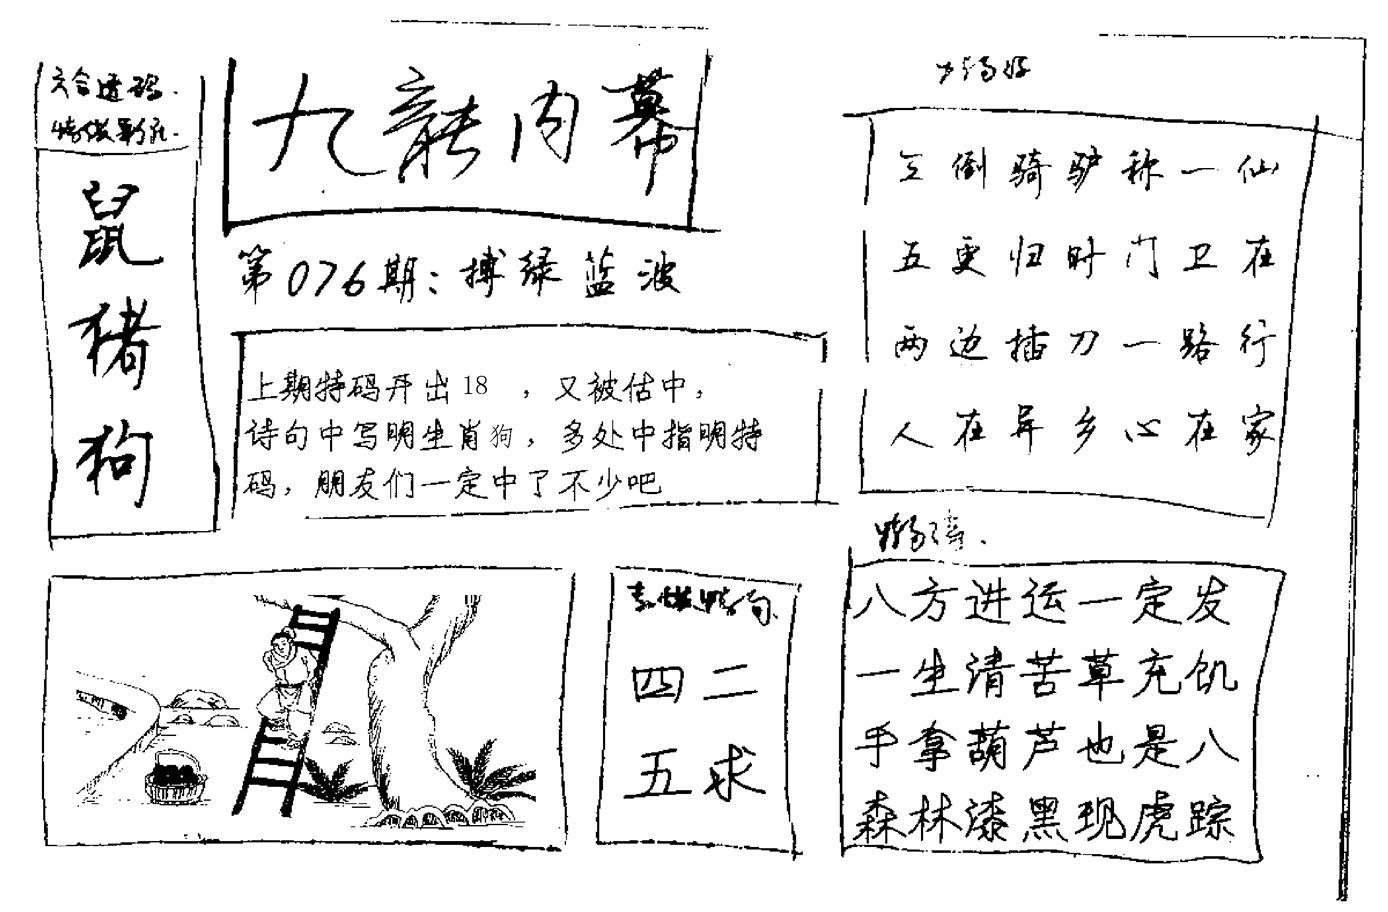 076期九龙内幕手写(黑白)